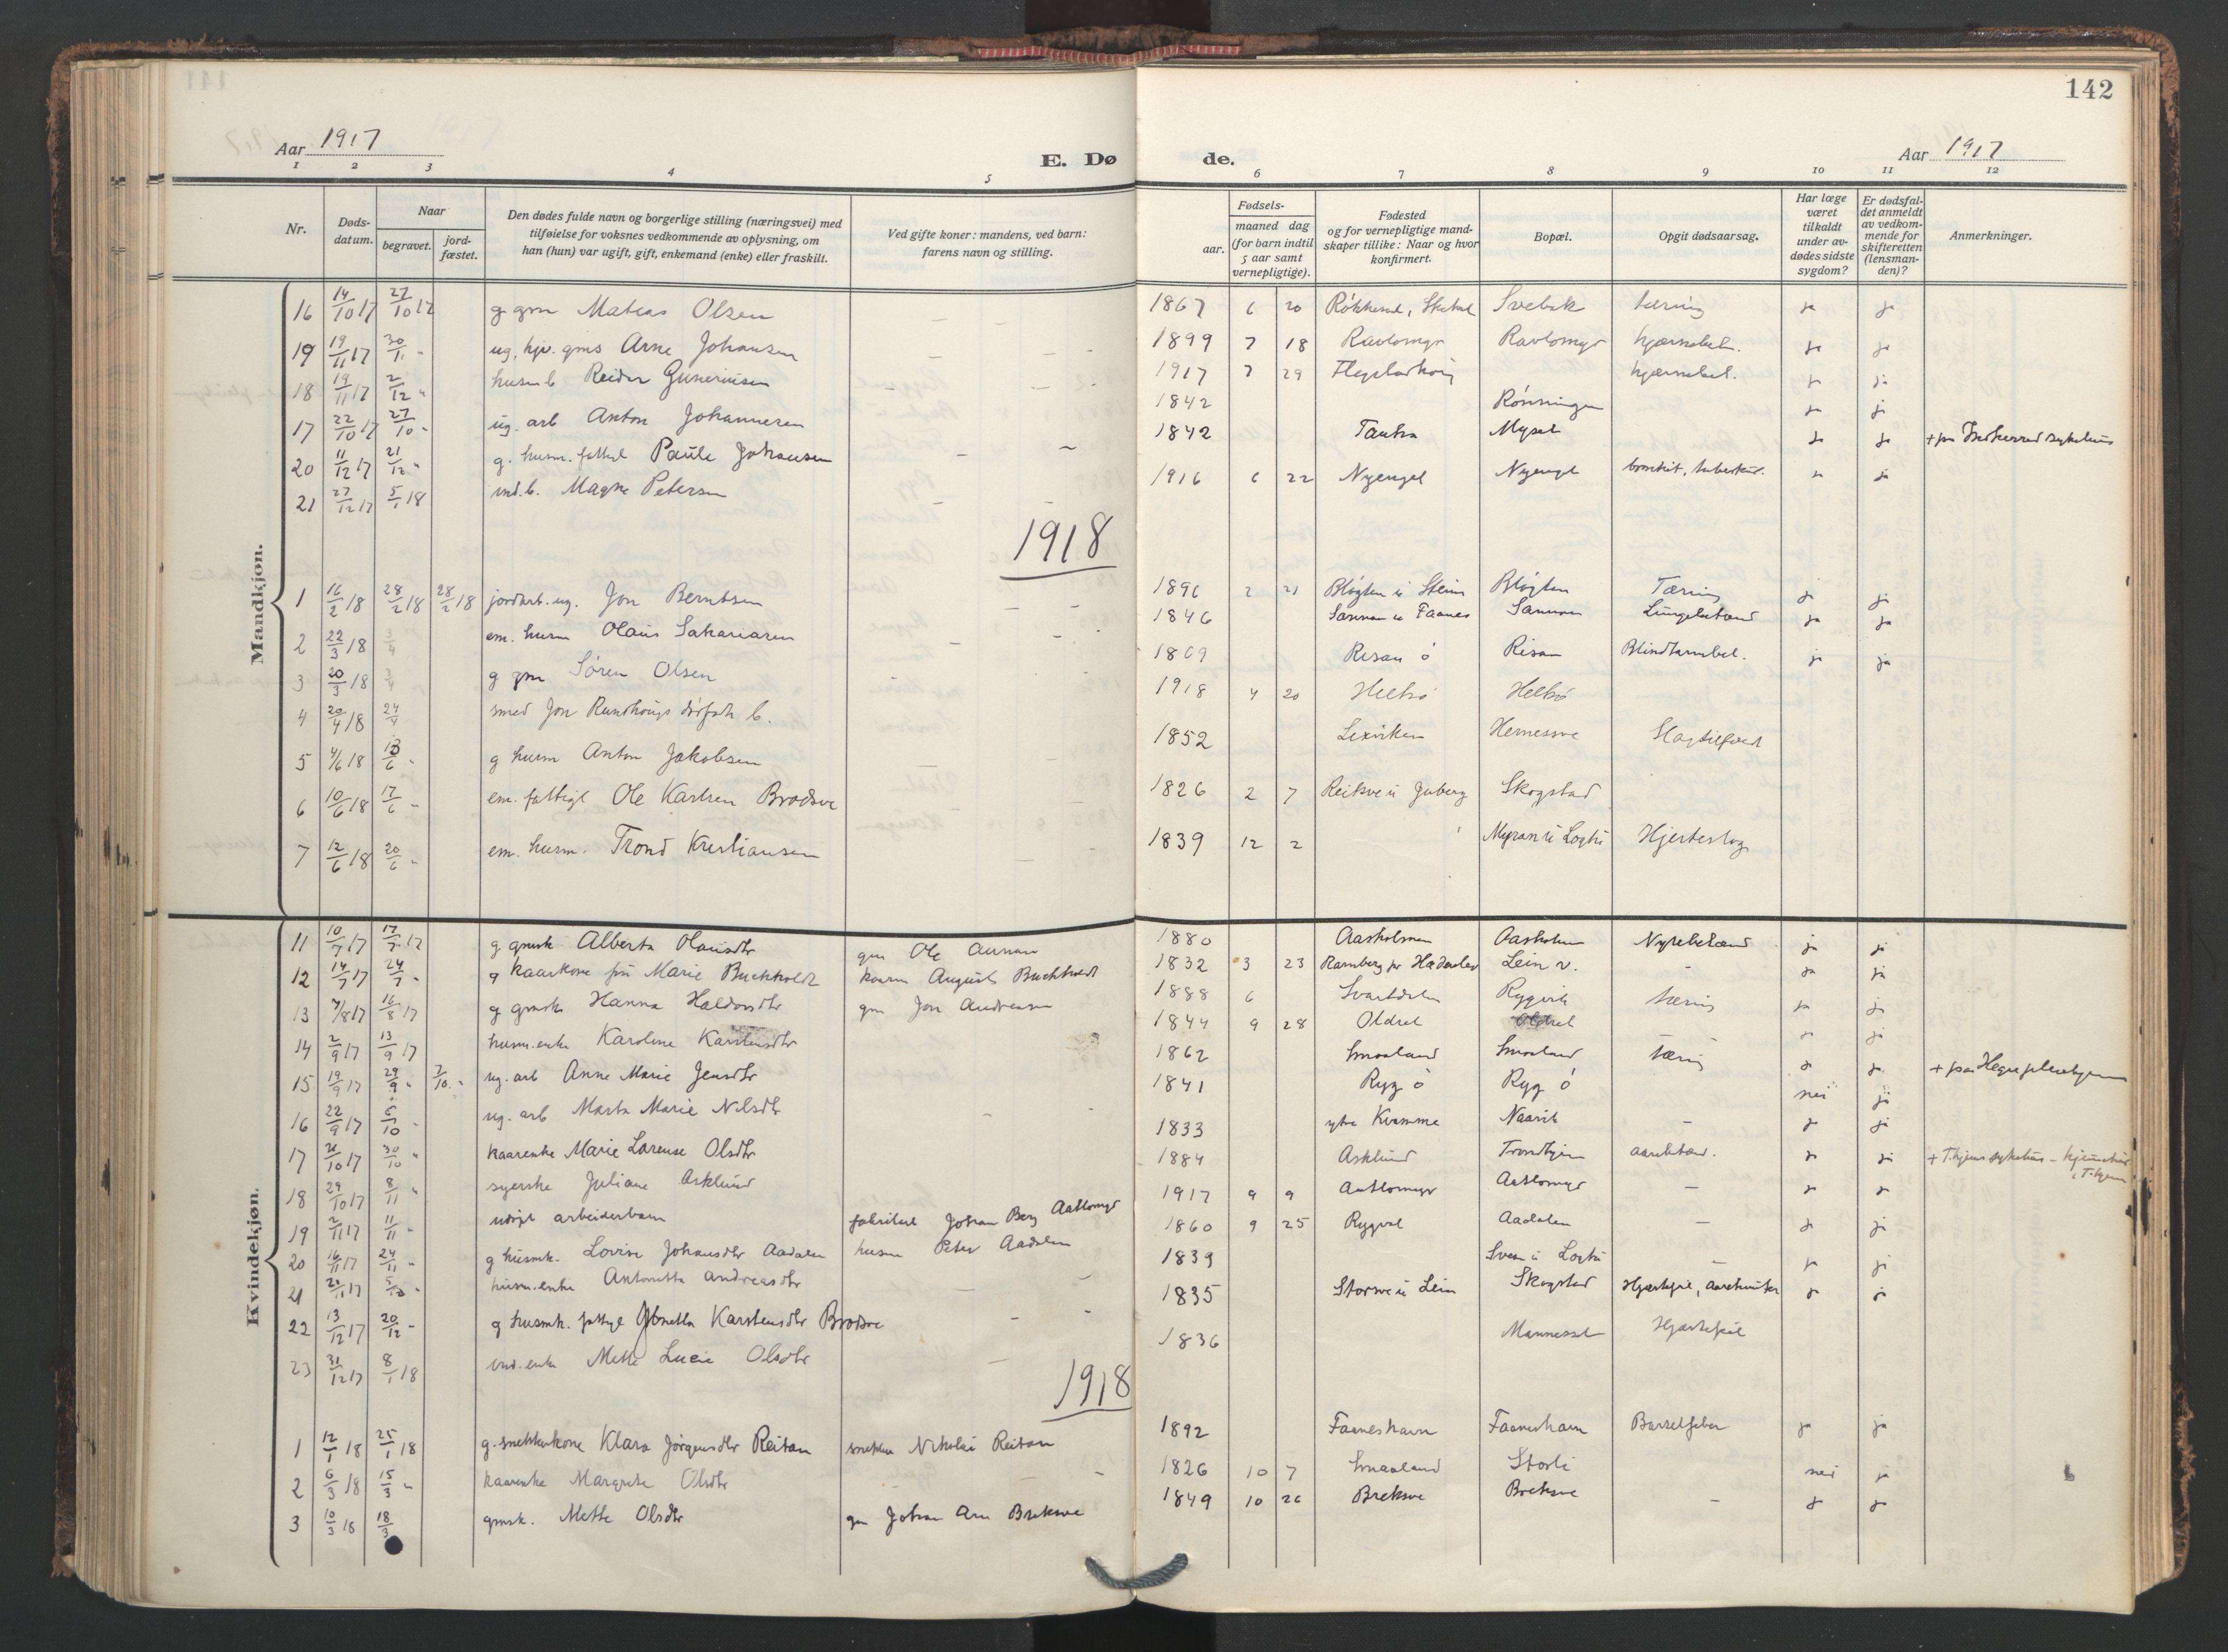 SAT, Ministerialprotokoller, klokkerbøker og fødselsregistre - Nord-Trøndelag, 713/L0123: Ministerialbok nr. 713A12, 1911-1925, s. 142